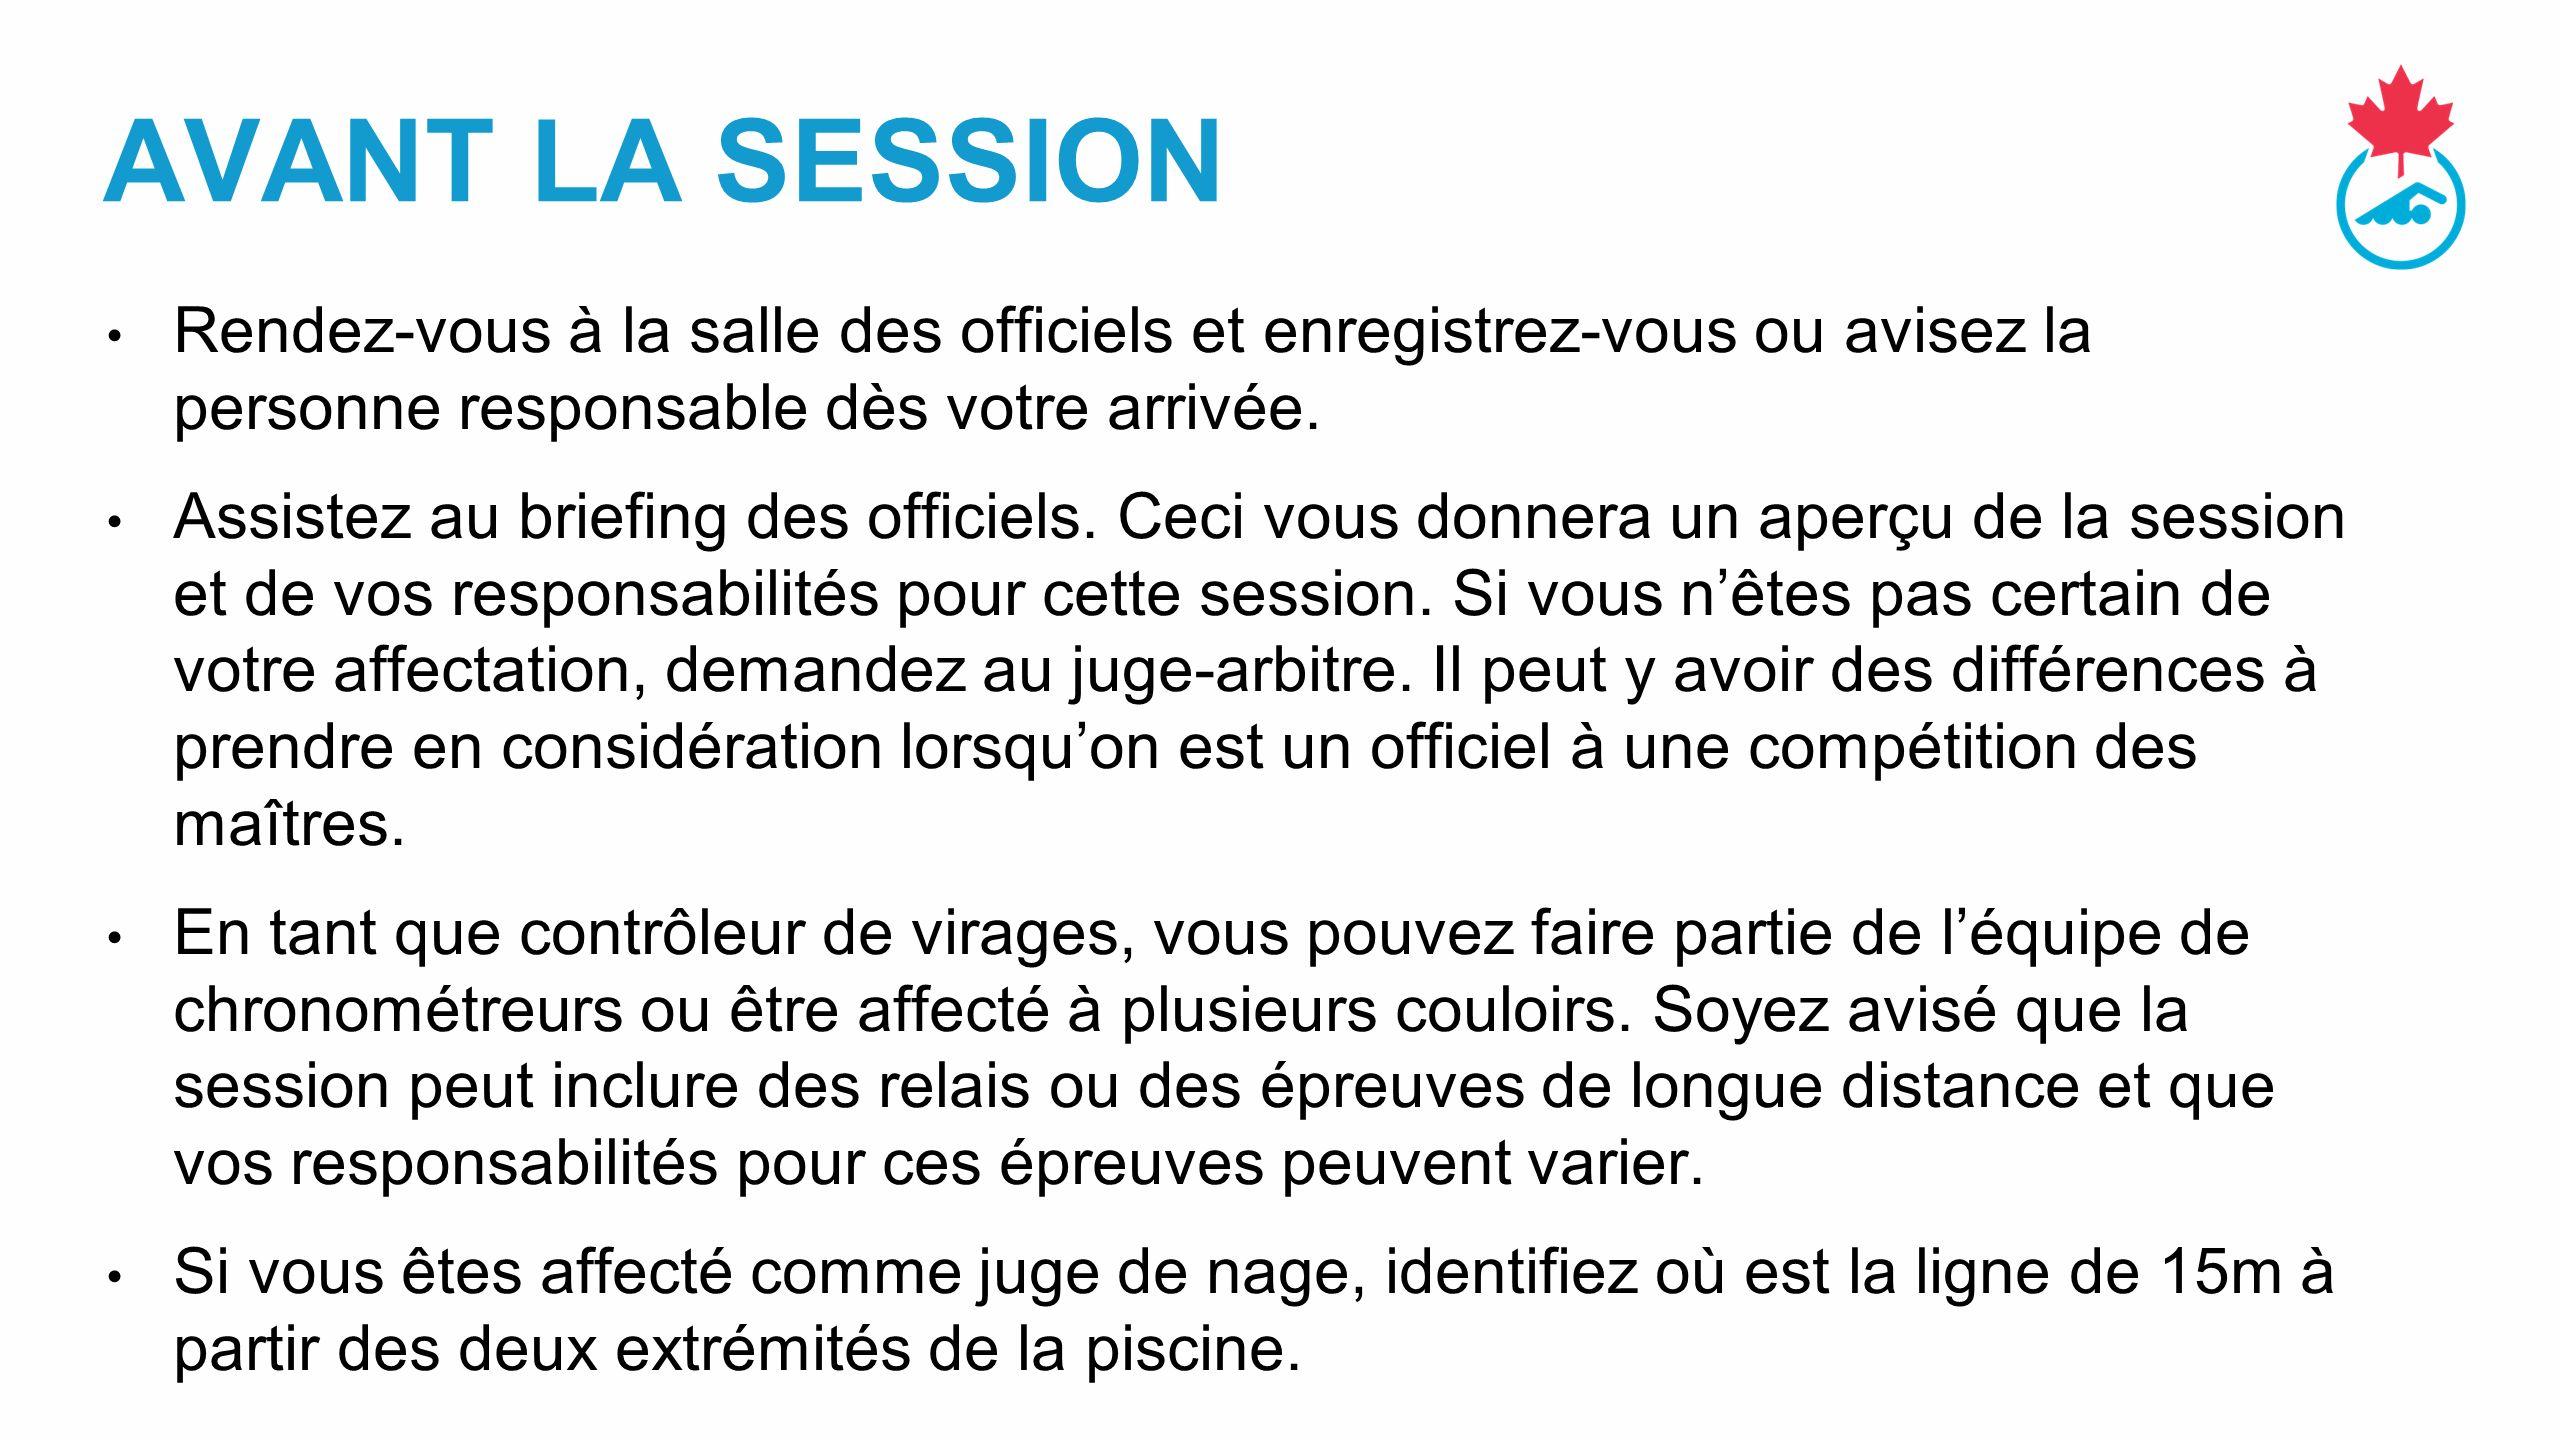 AVANT LA SESSION Rendez-vous à la salle des officiels et enregistrez-vous ou avisez la personne responsable dès votre arrivée.